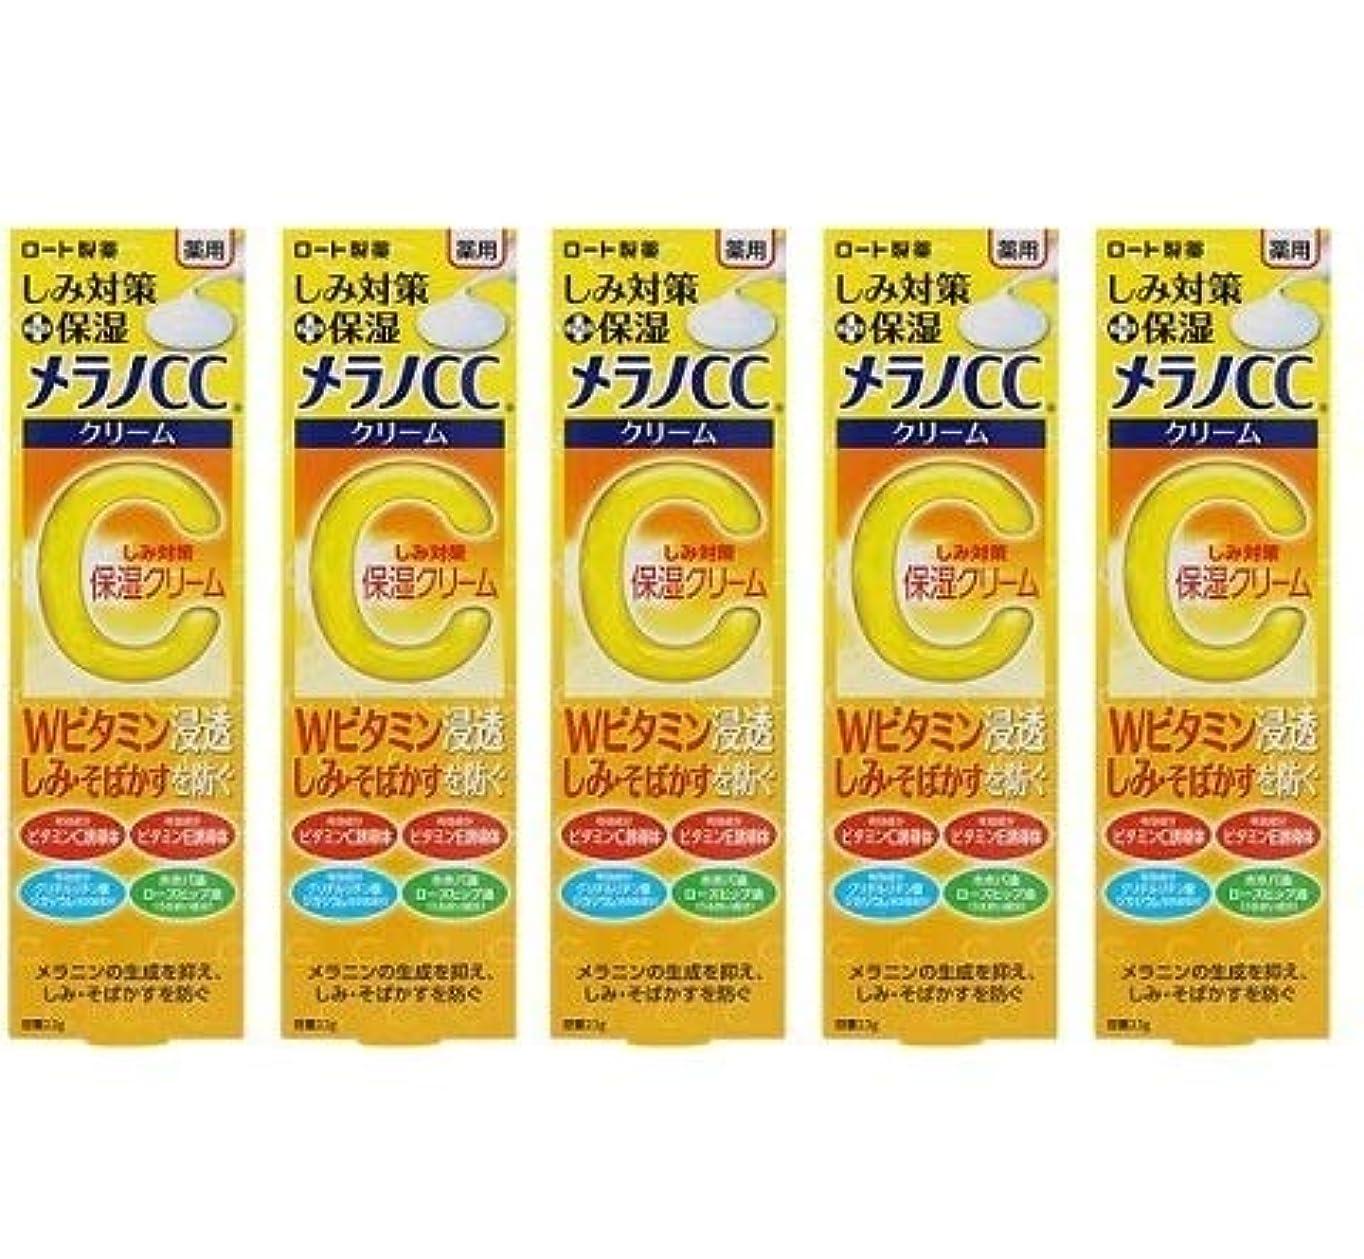 カロリーソートアンタゴニストメラノCC 薬用しみ対策 保湿クリーム 23g×5個セット